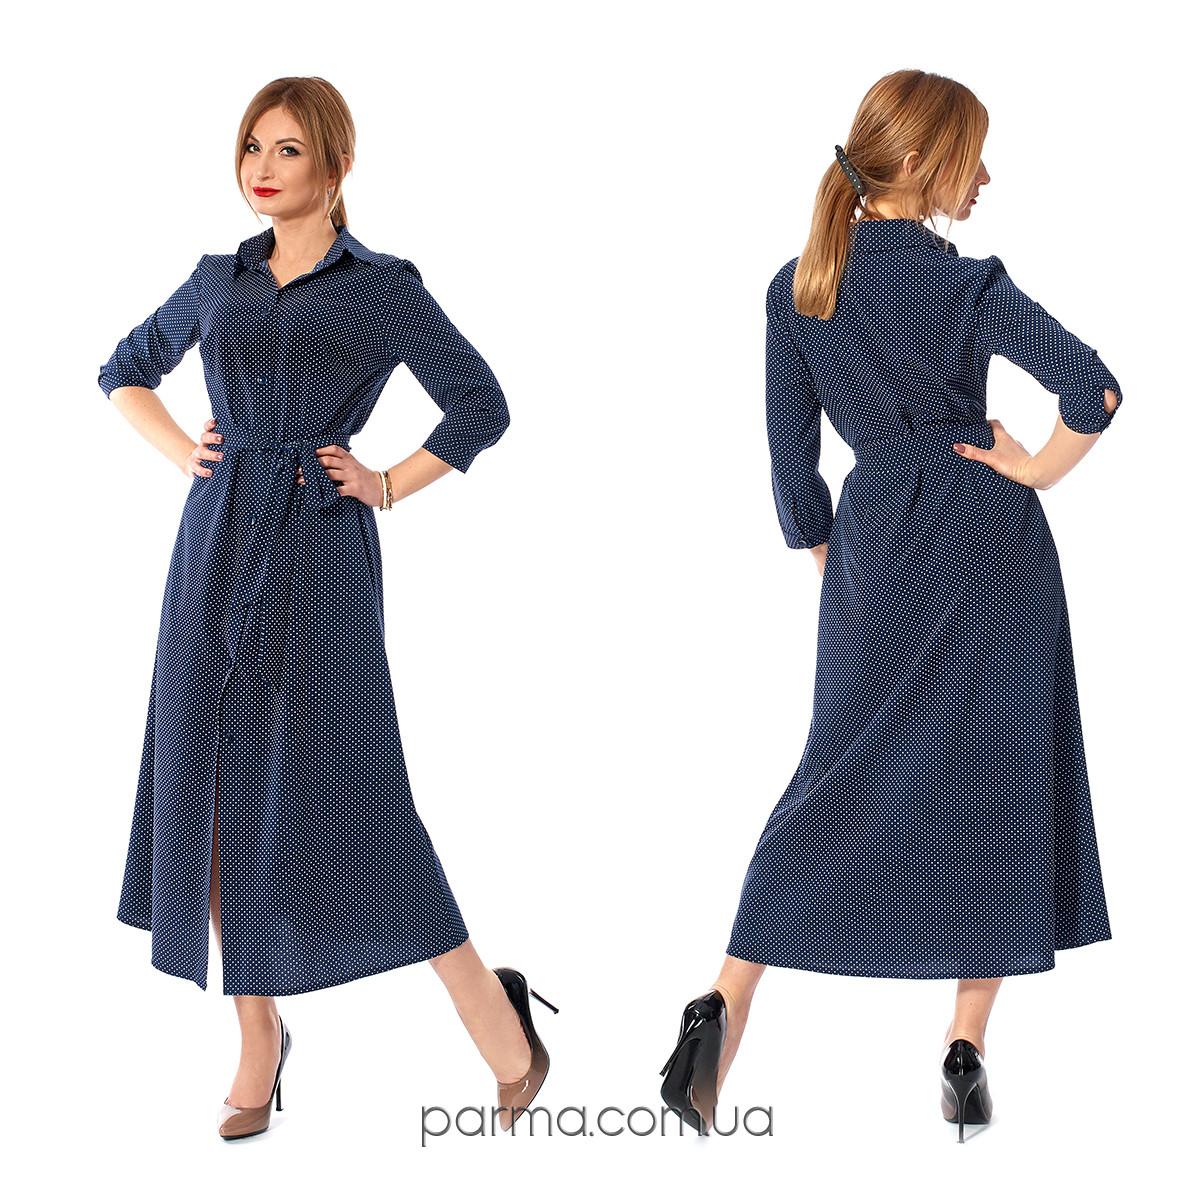 3db6306bd7e Длинное женское платье-рубашка в горошек (р.42